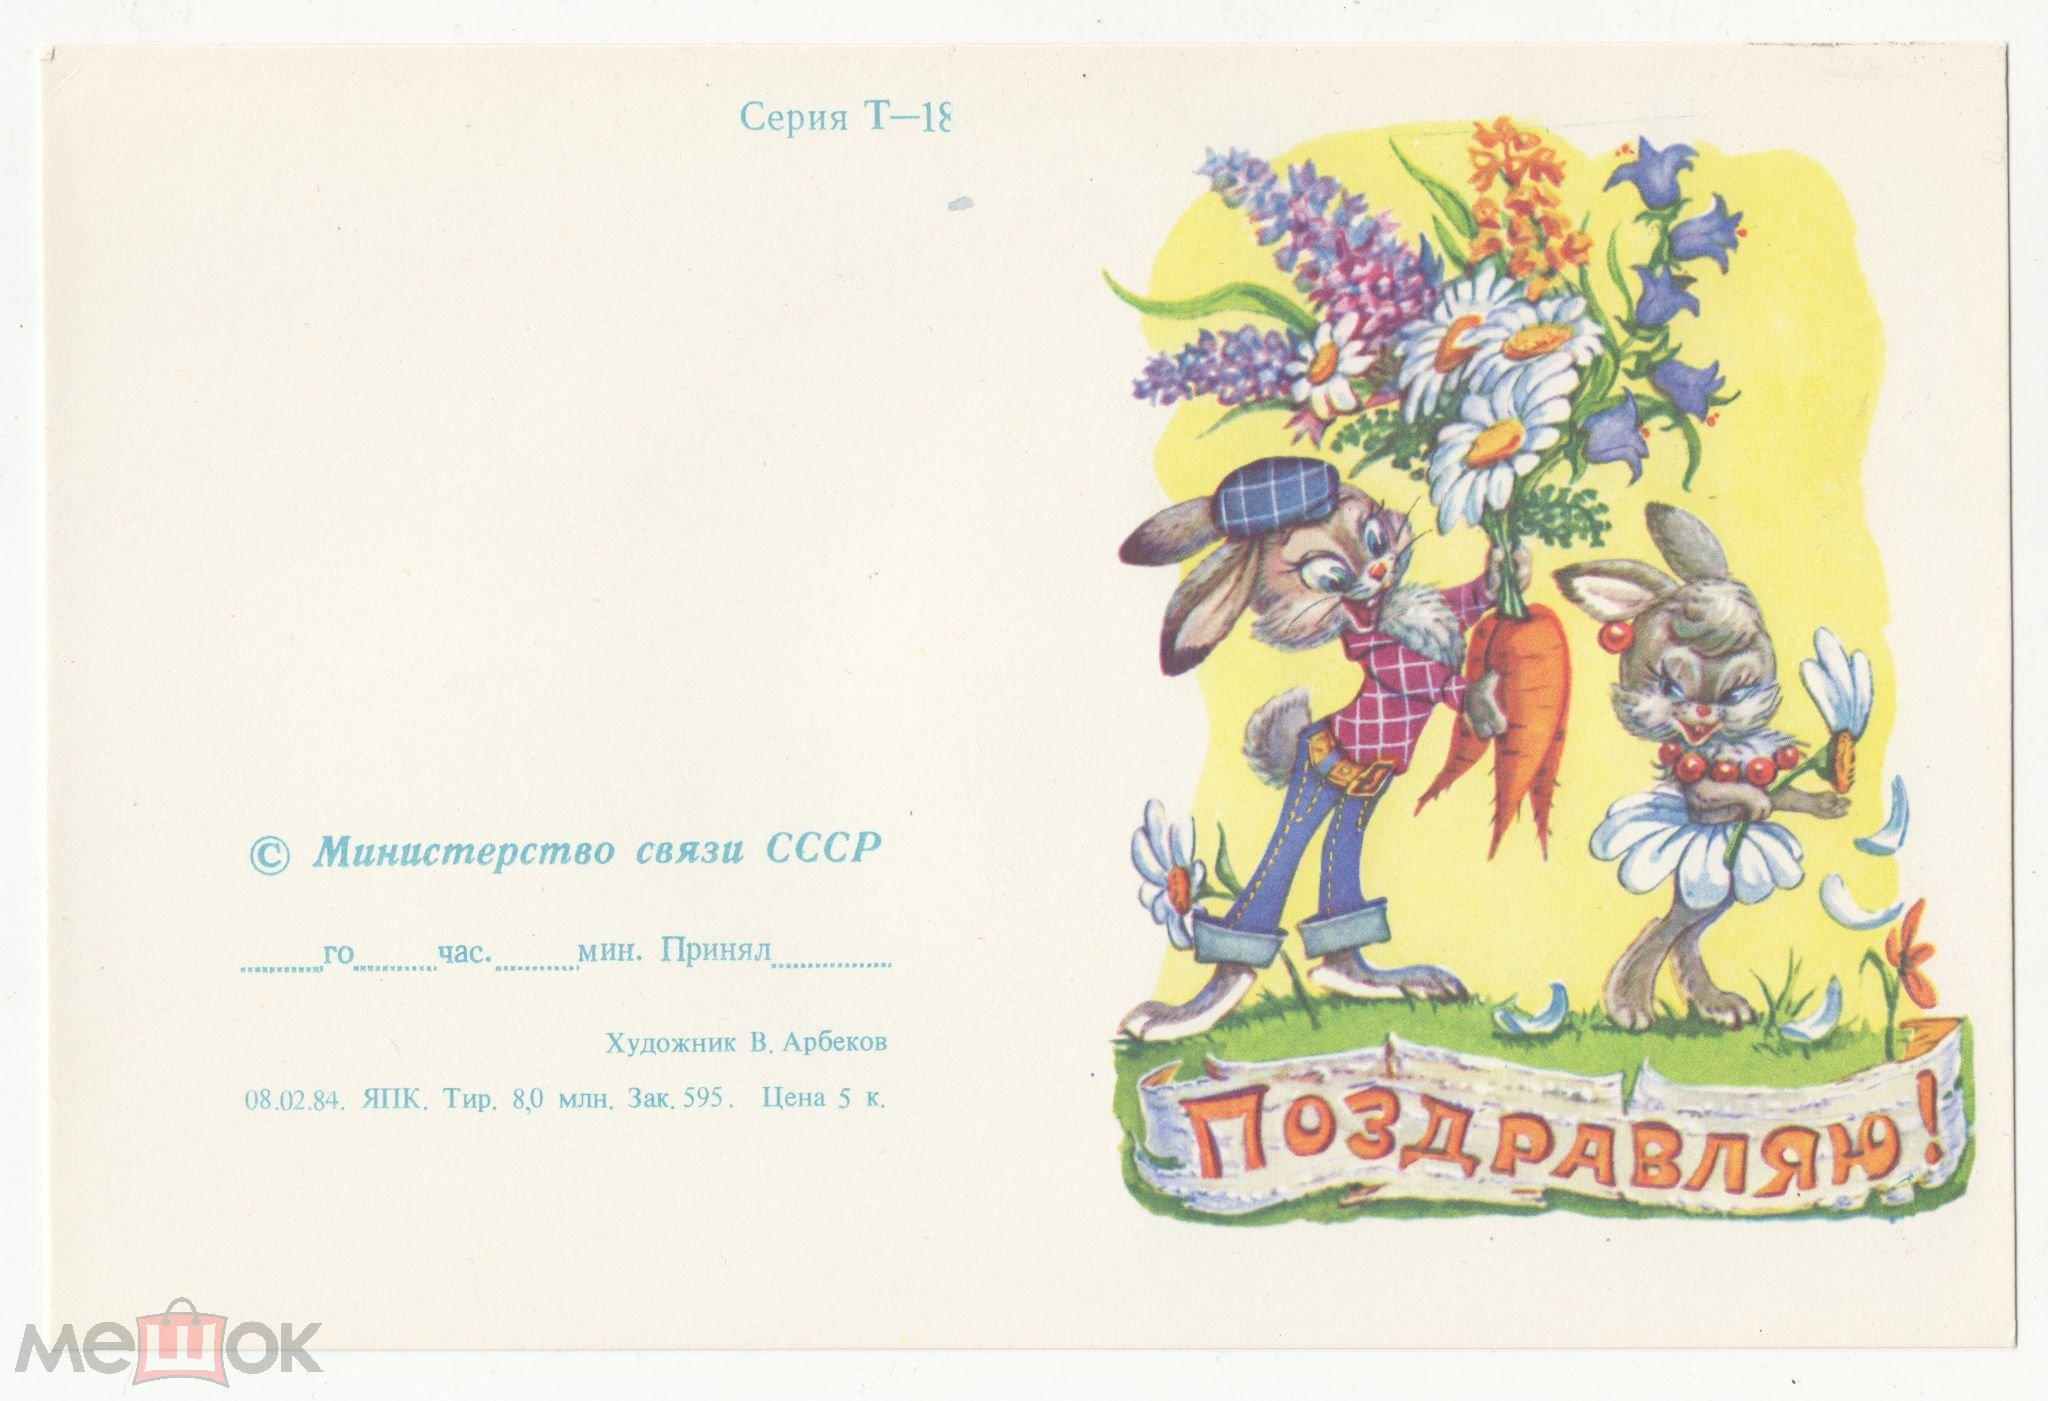 Словом, открытки и телеграмма